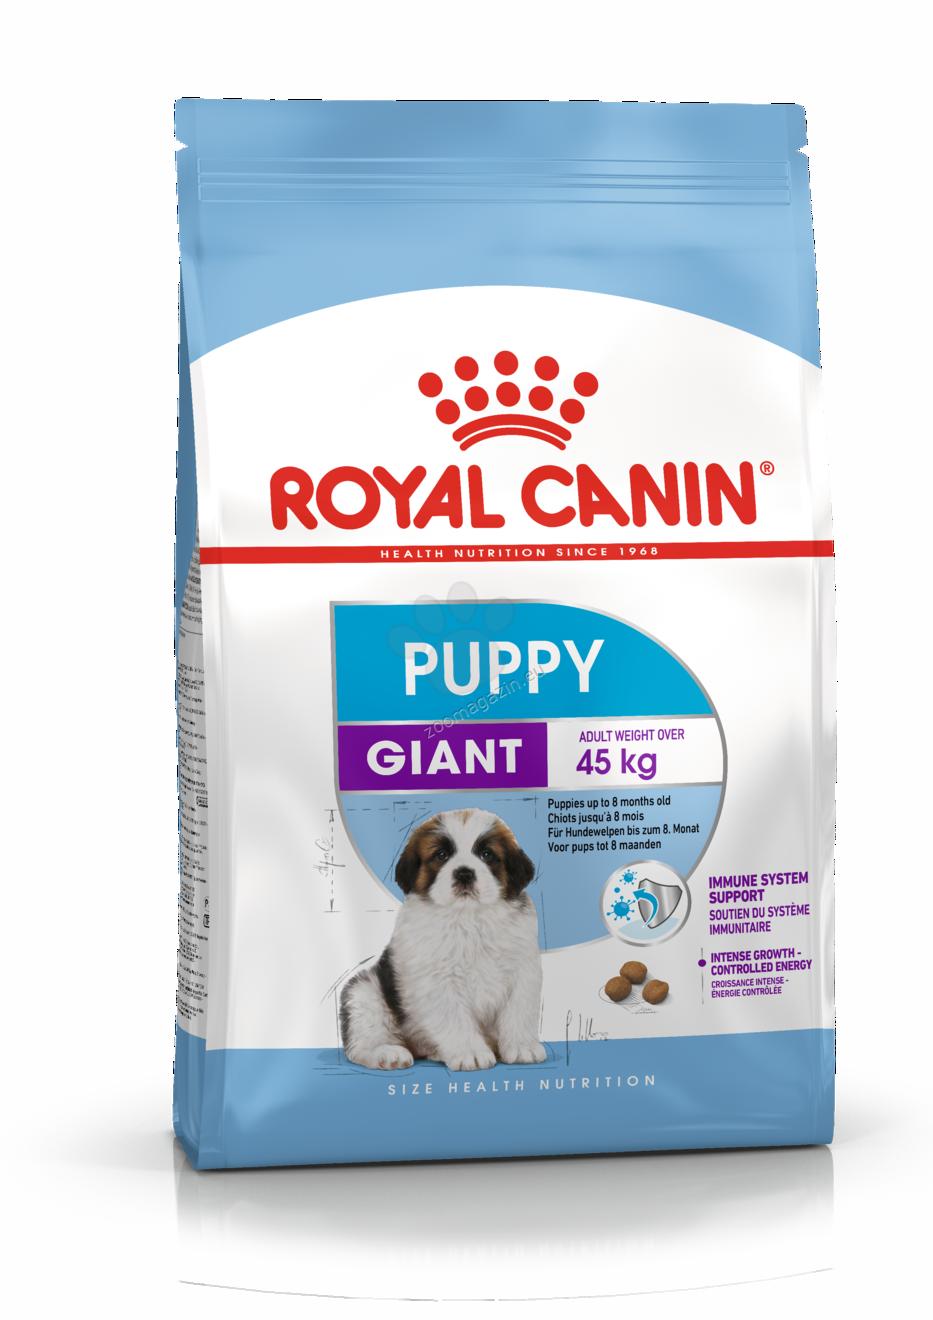 Royal Canin Giant Puppy - пълноценна кучешка храна за кученца от гигантски породи с тегло в зряла възраст над 45 кг., до 8 месечна възраст 15 кг.